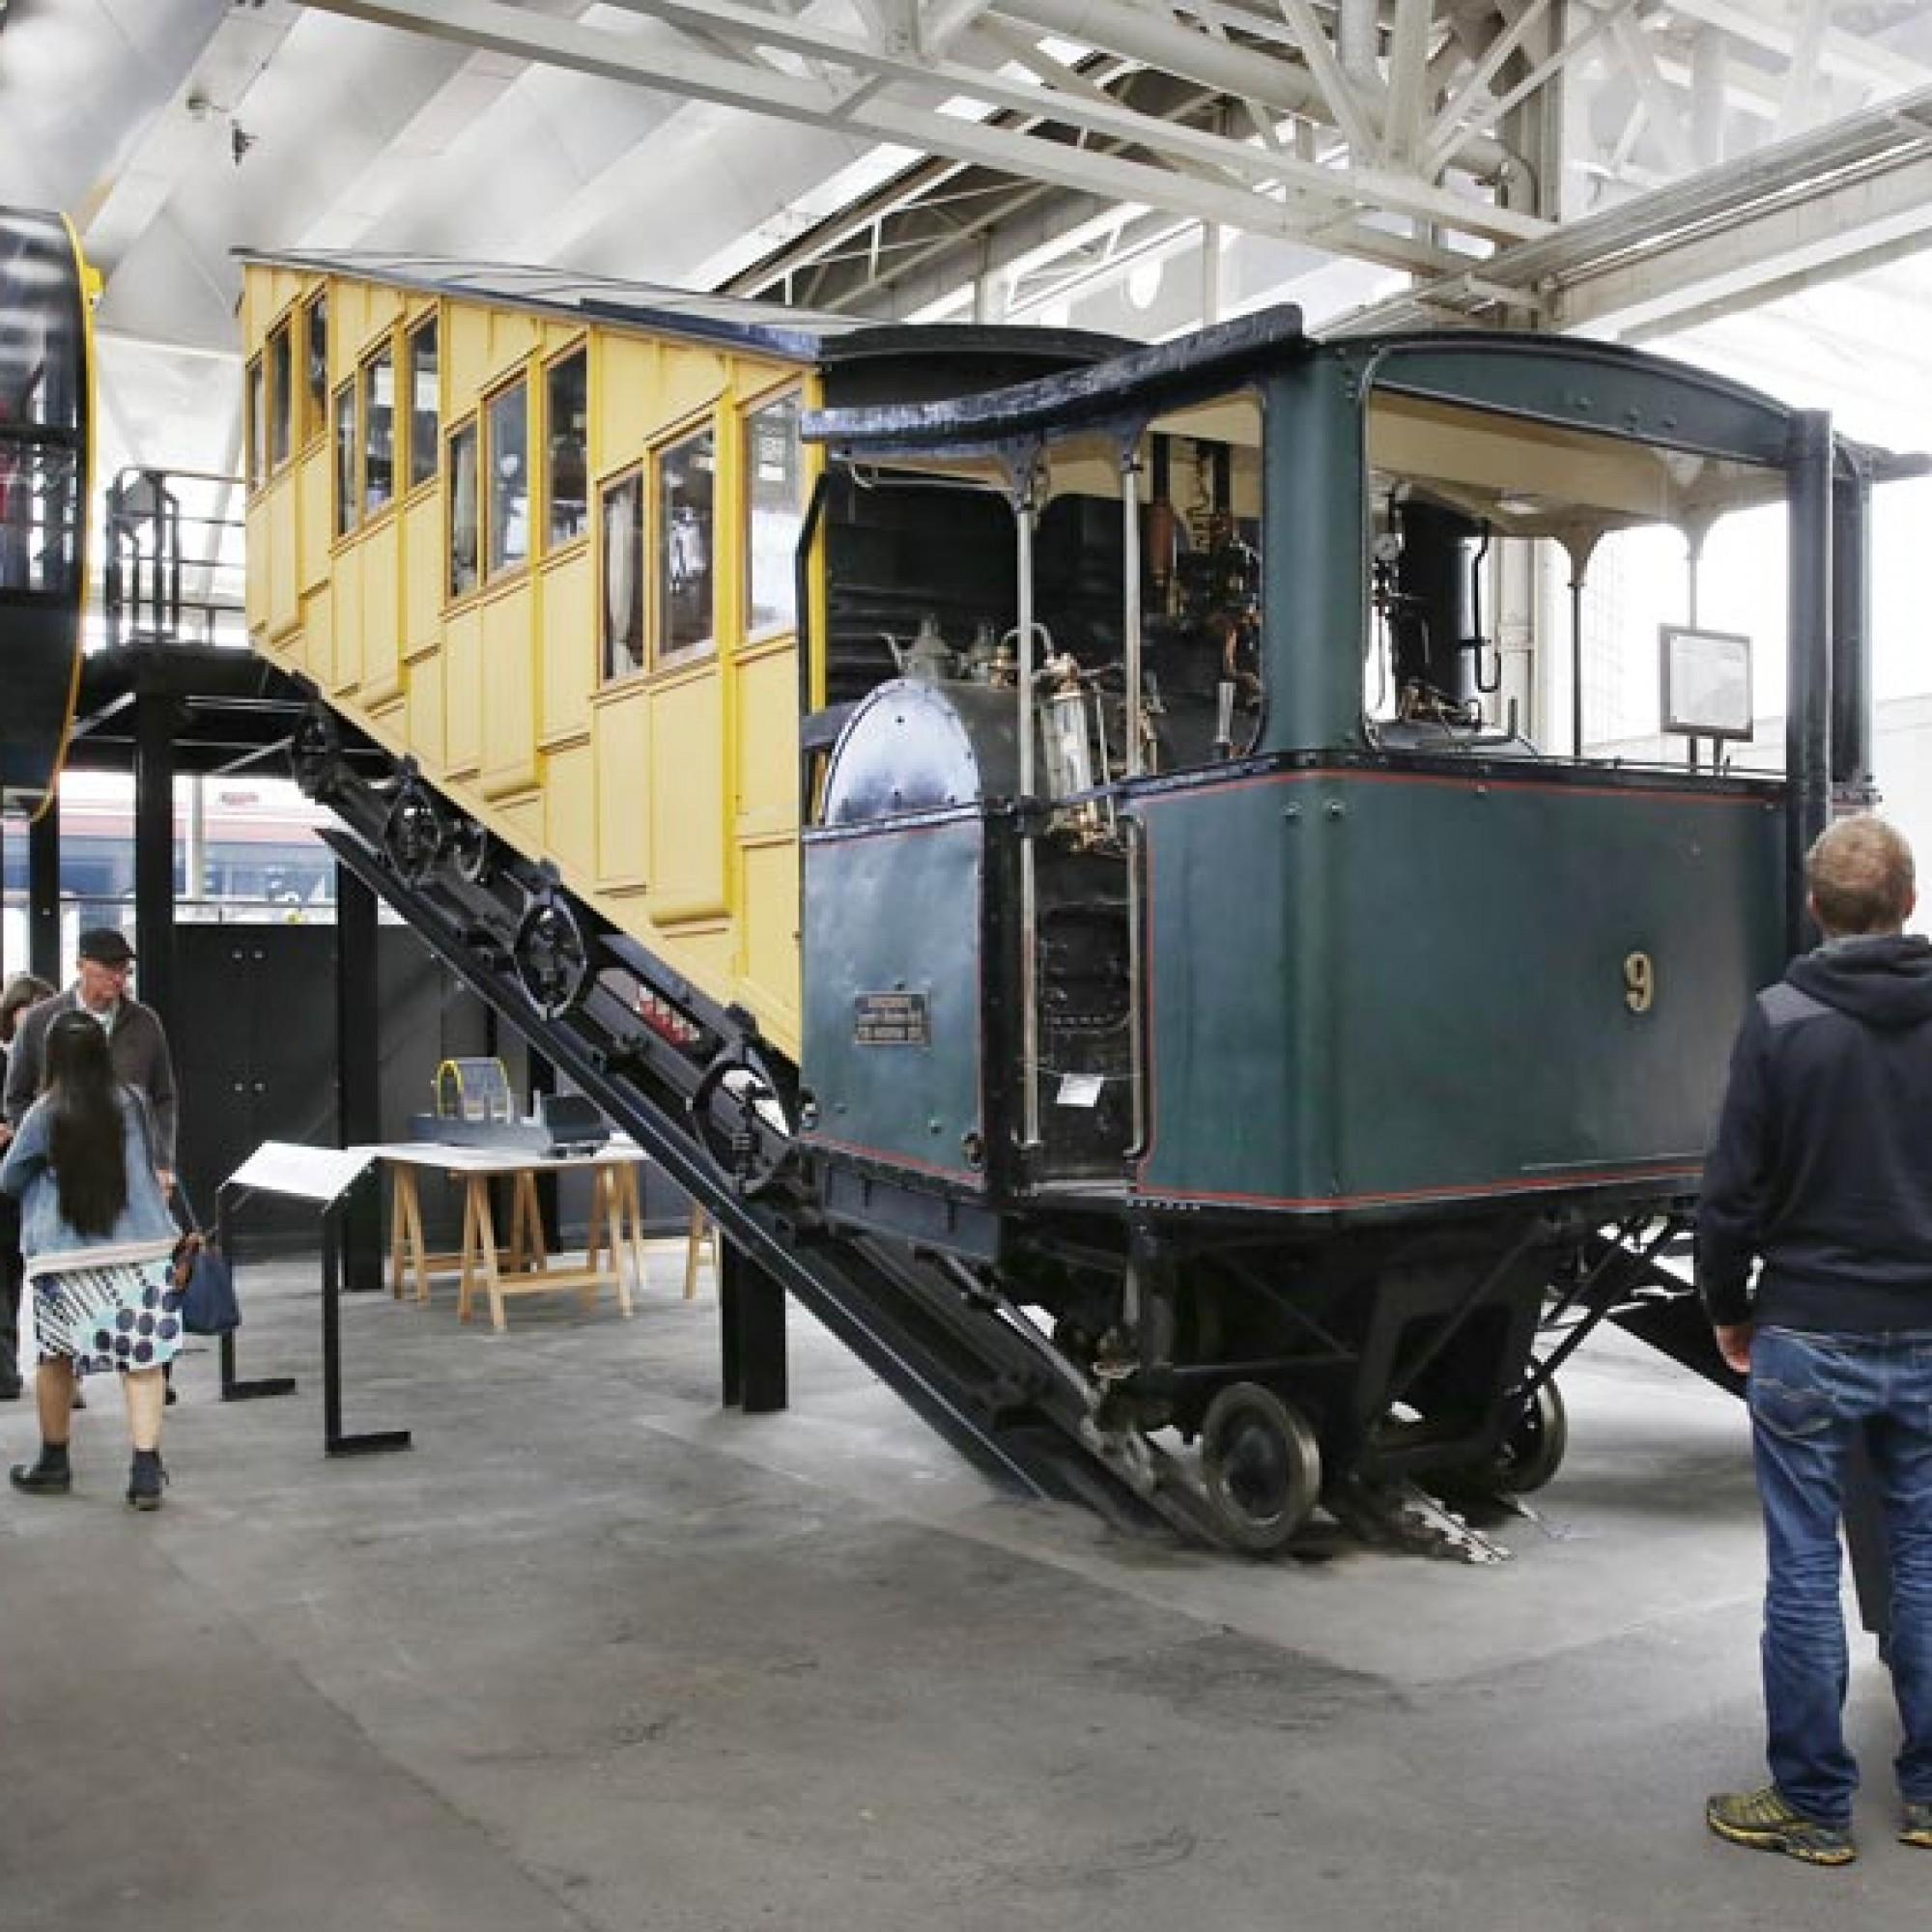 In der Schienenhalle ist die steilste Zahnradbahn der Welt zu sehen. (Foto: Verkehrshaus der Schweiz/Christen)